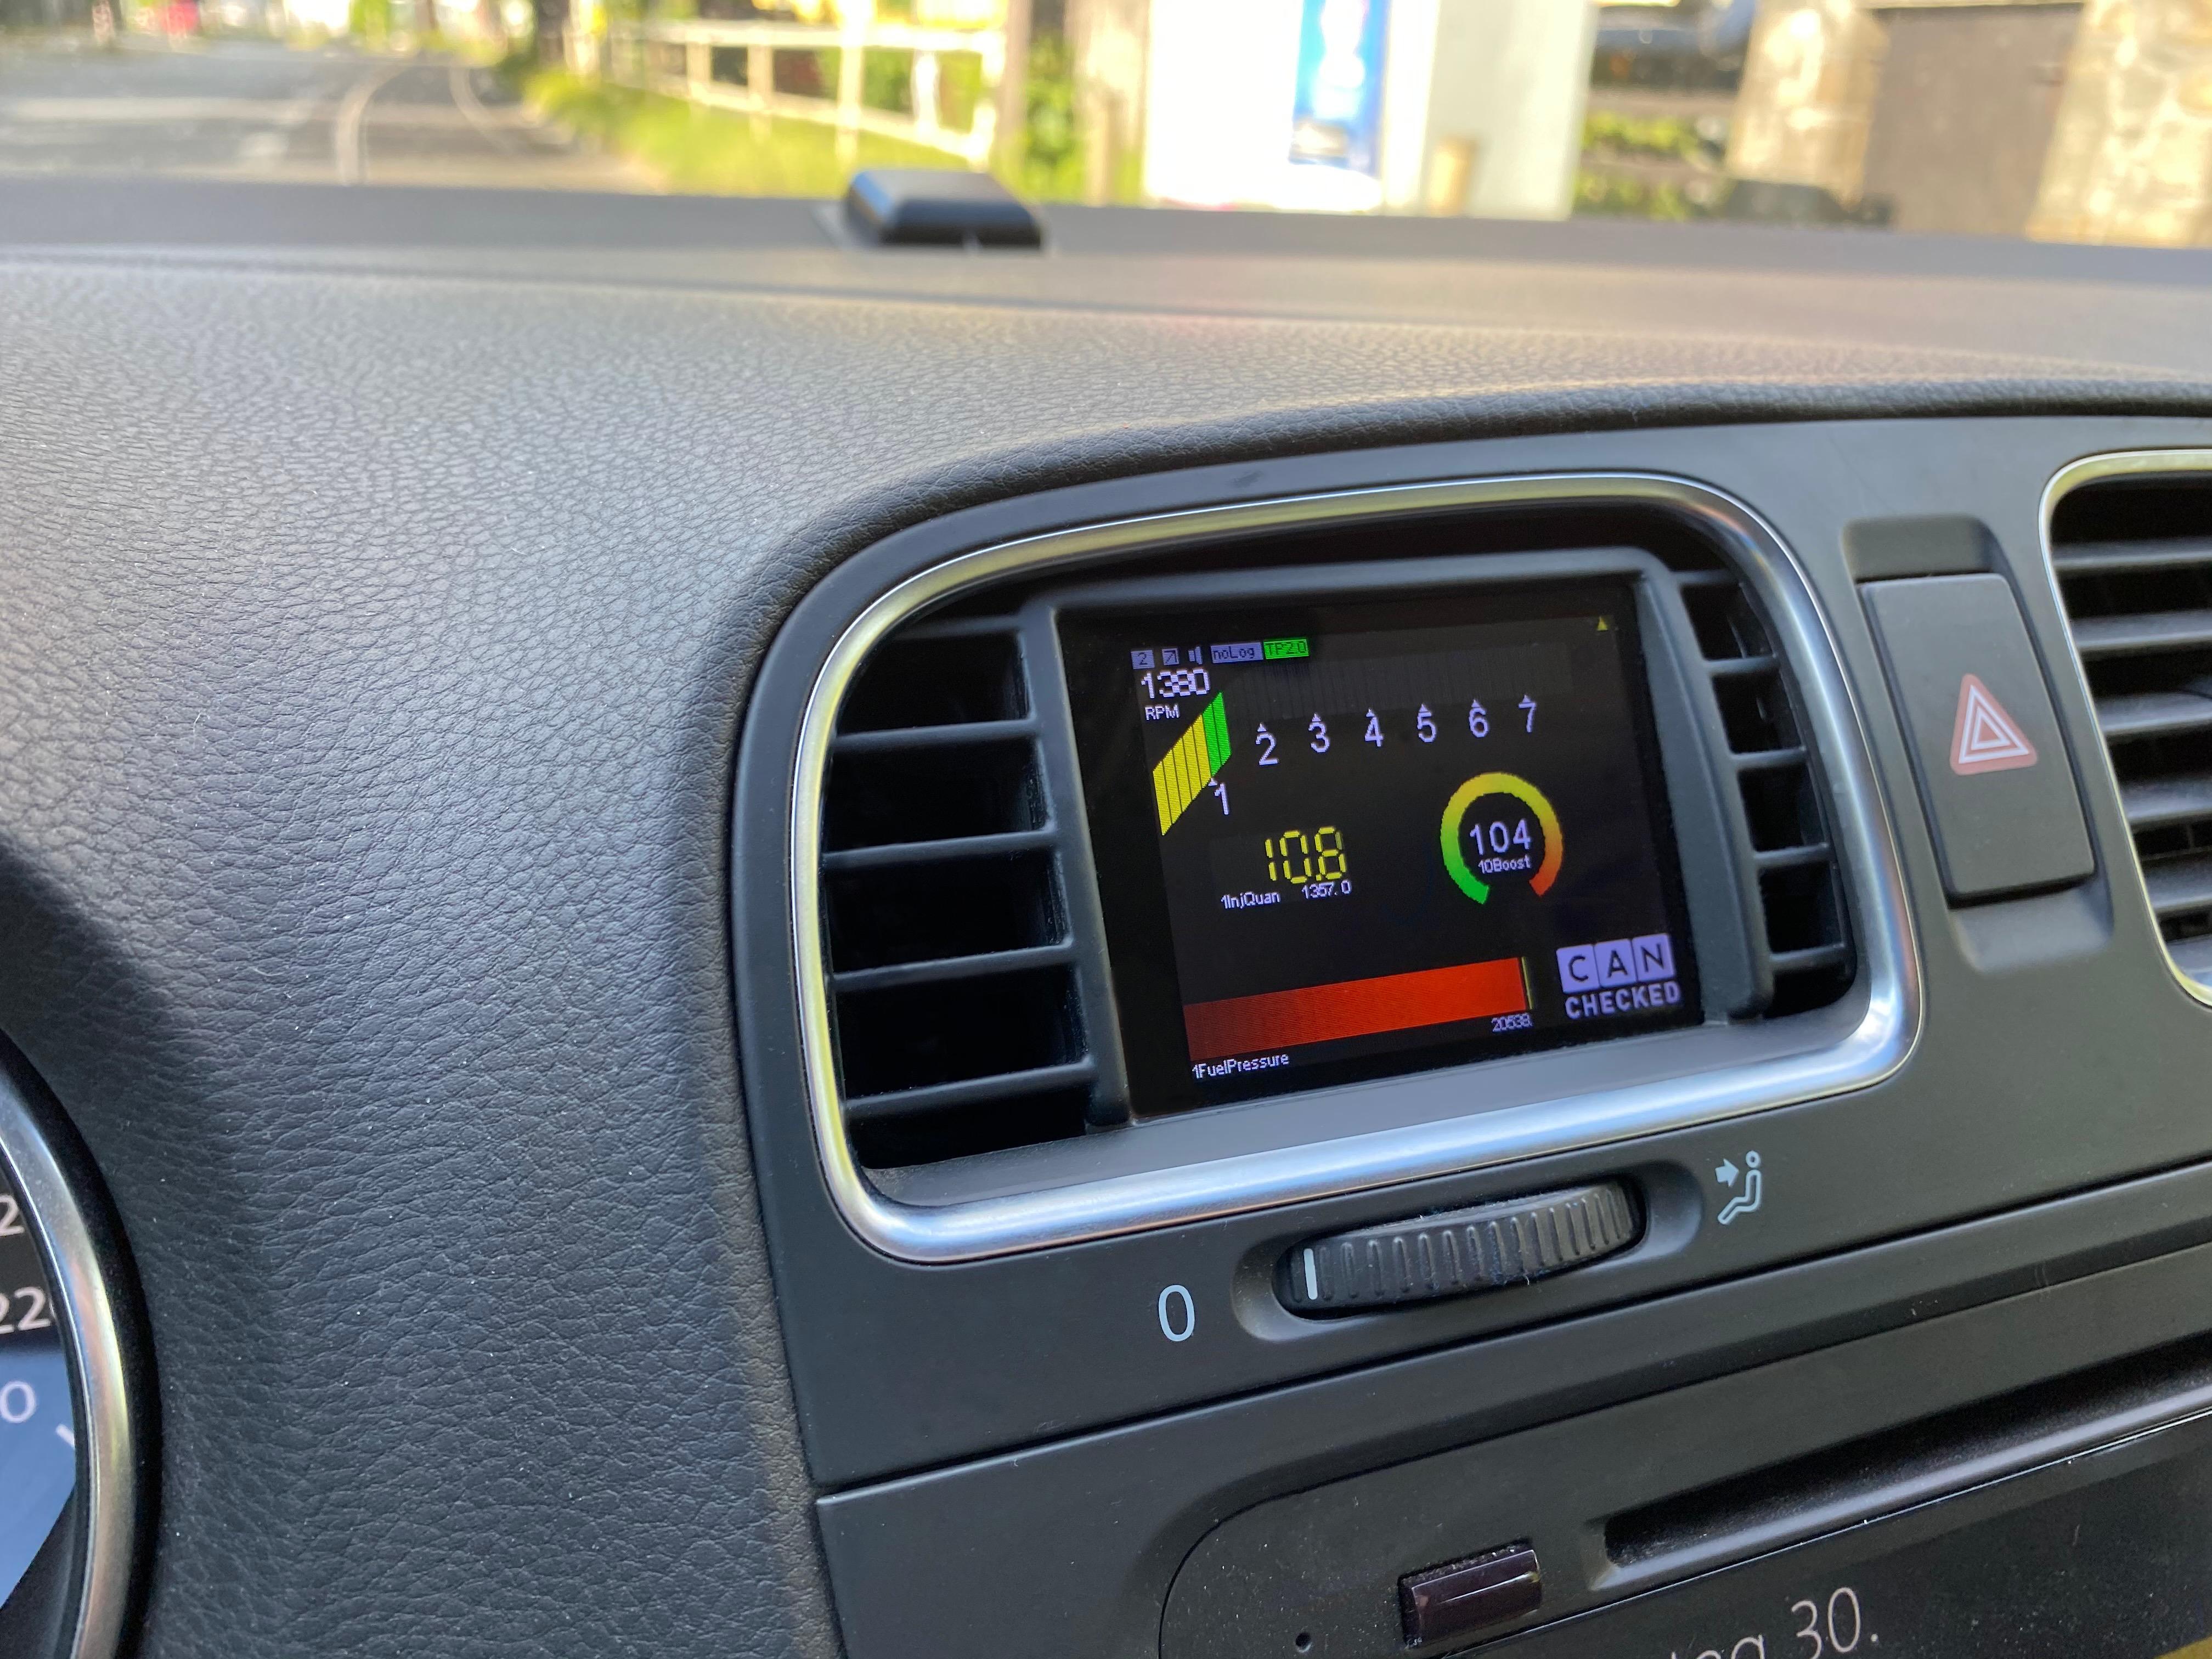 Golf 6 Display Diesel